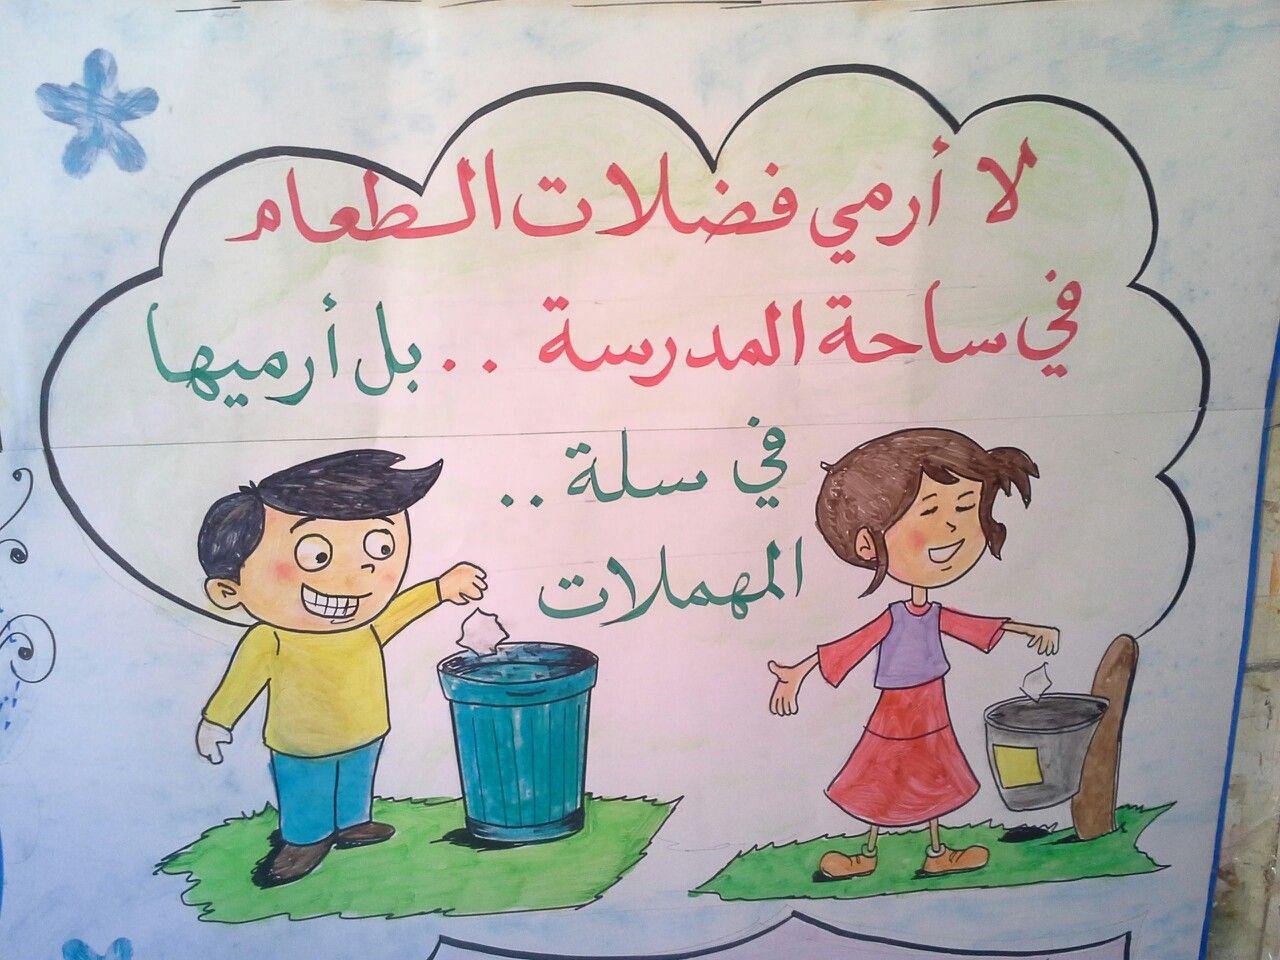 افكار للمحافظة على البيئة المدرسية